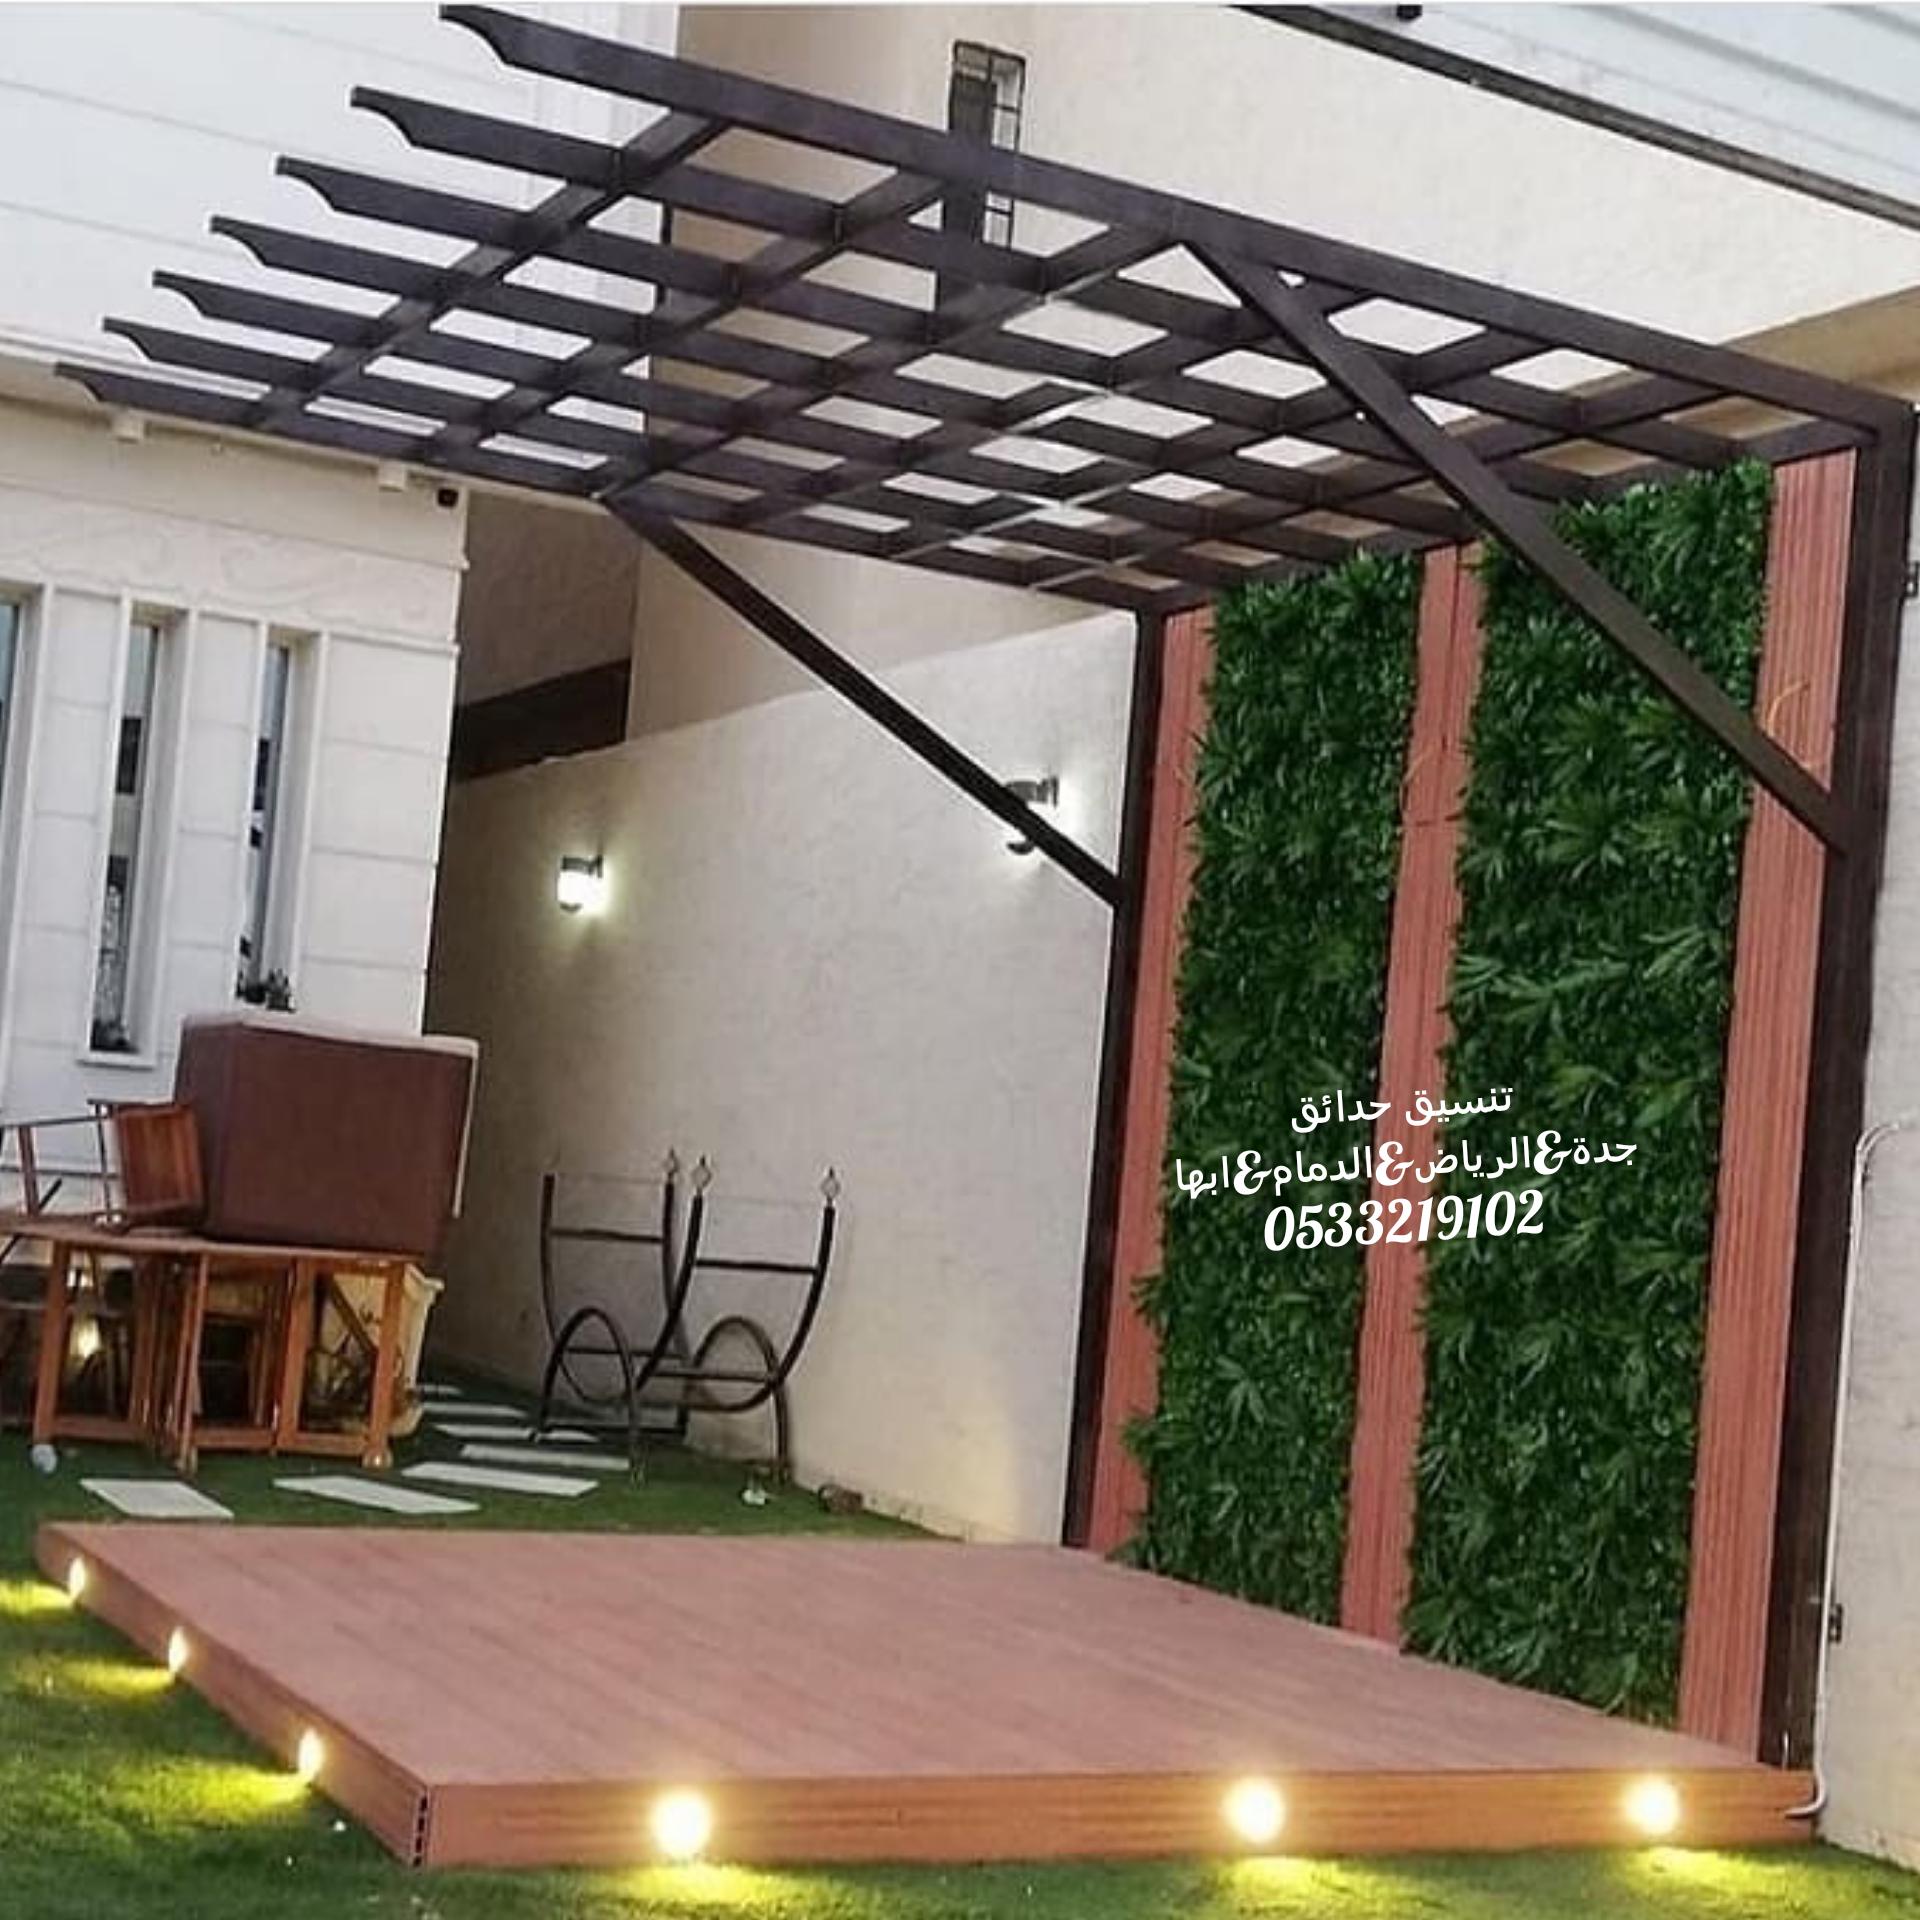 تركيب مظلات تصميم شلالات الرياض جدة حى الجامعة السعودية